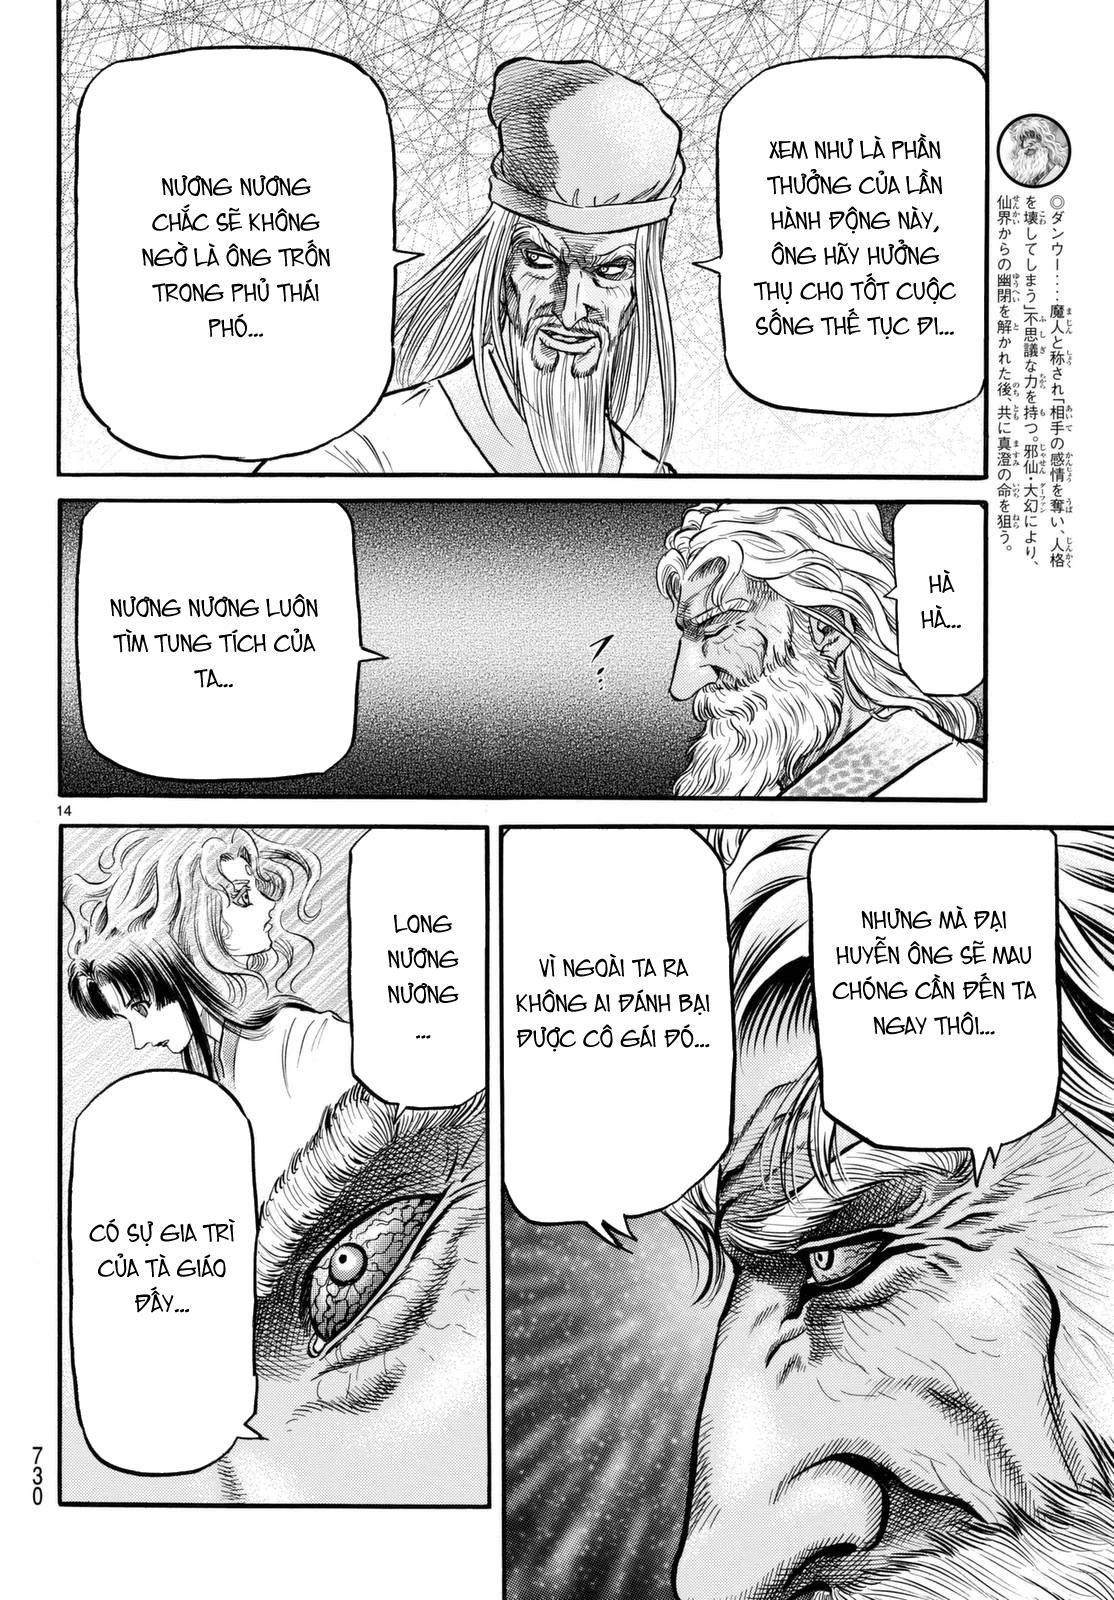 Chú bé rồng-Ryuuroden chap 278.2 Trang 4 - Mangak.info